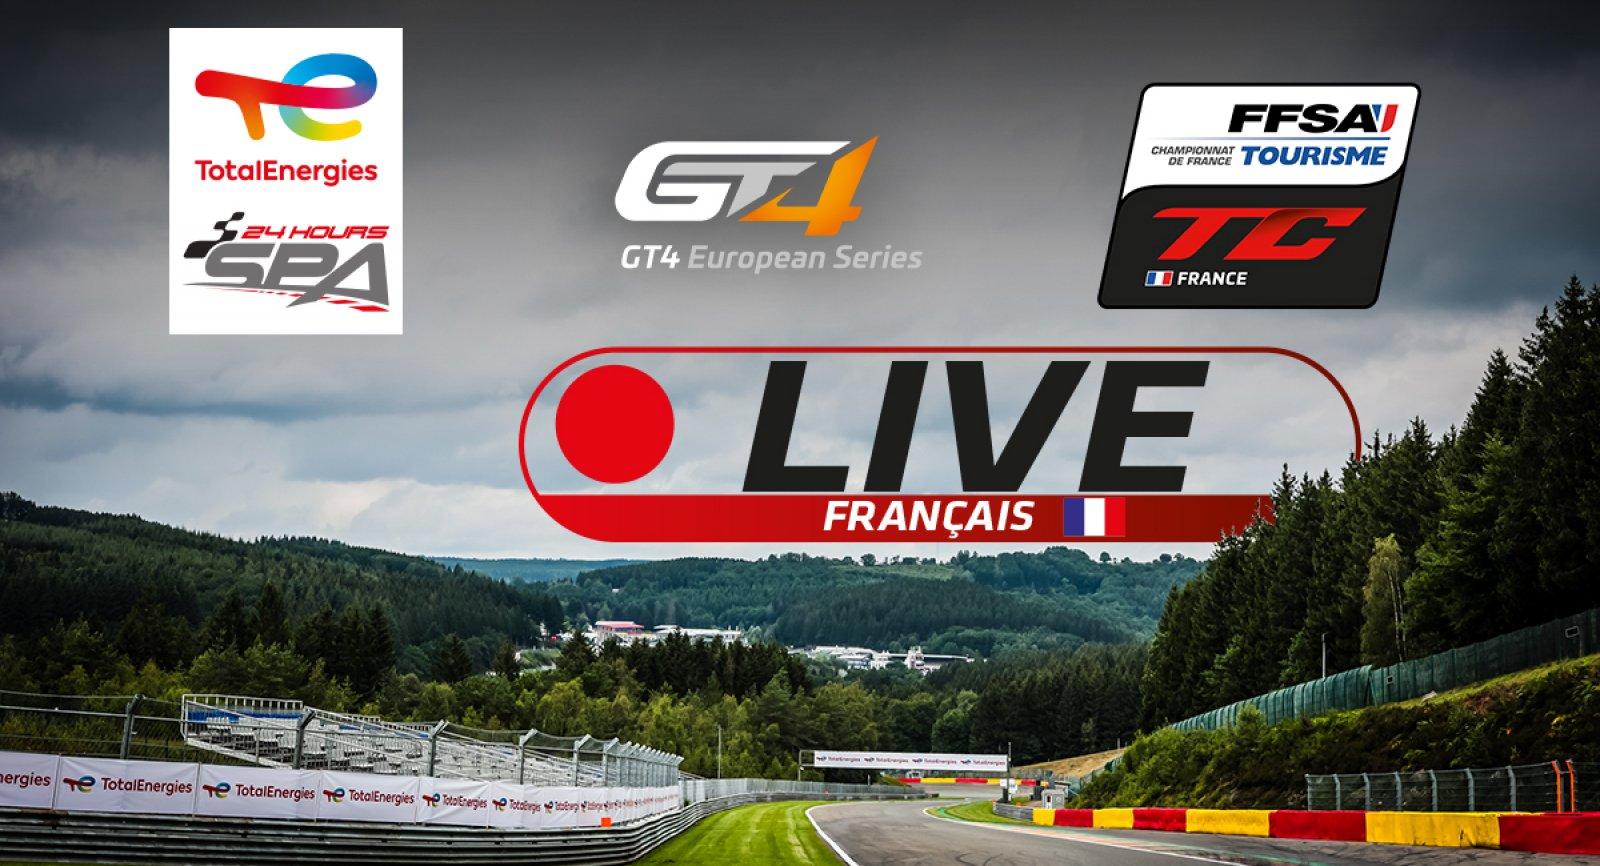 Suivez les TotalEnergies 24 Hours of Spa, la GT4 European Series et le Championnat de France FFSA Tourisme en français !